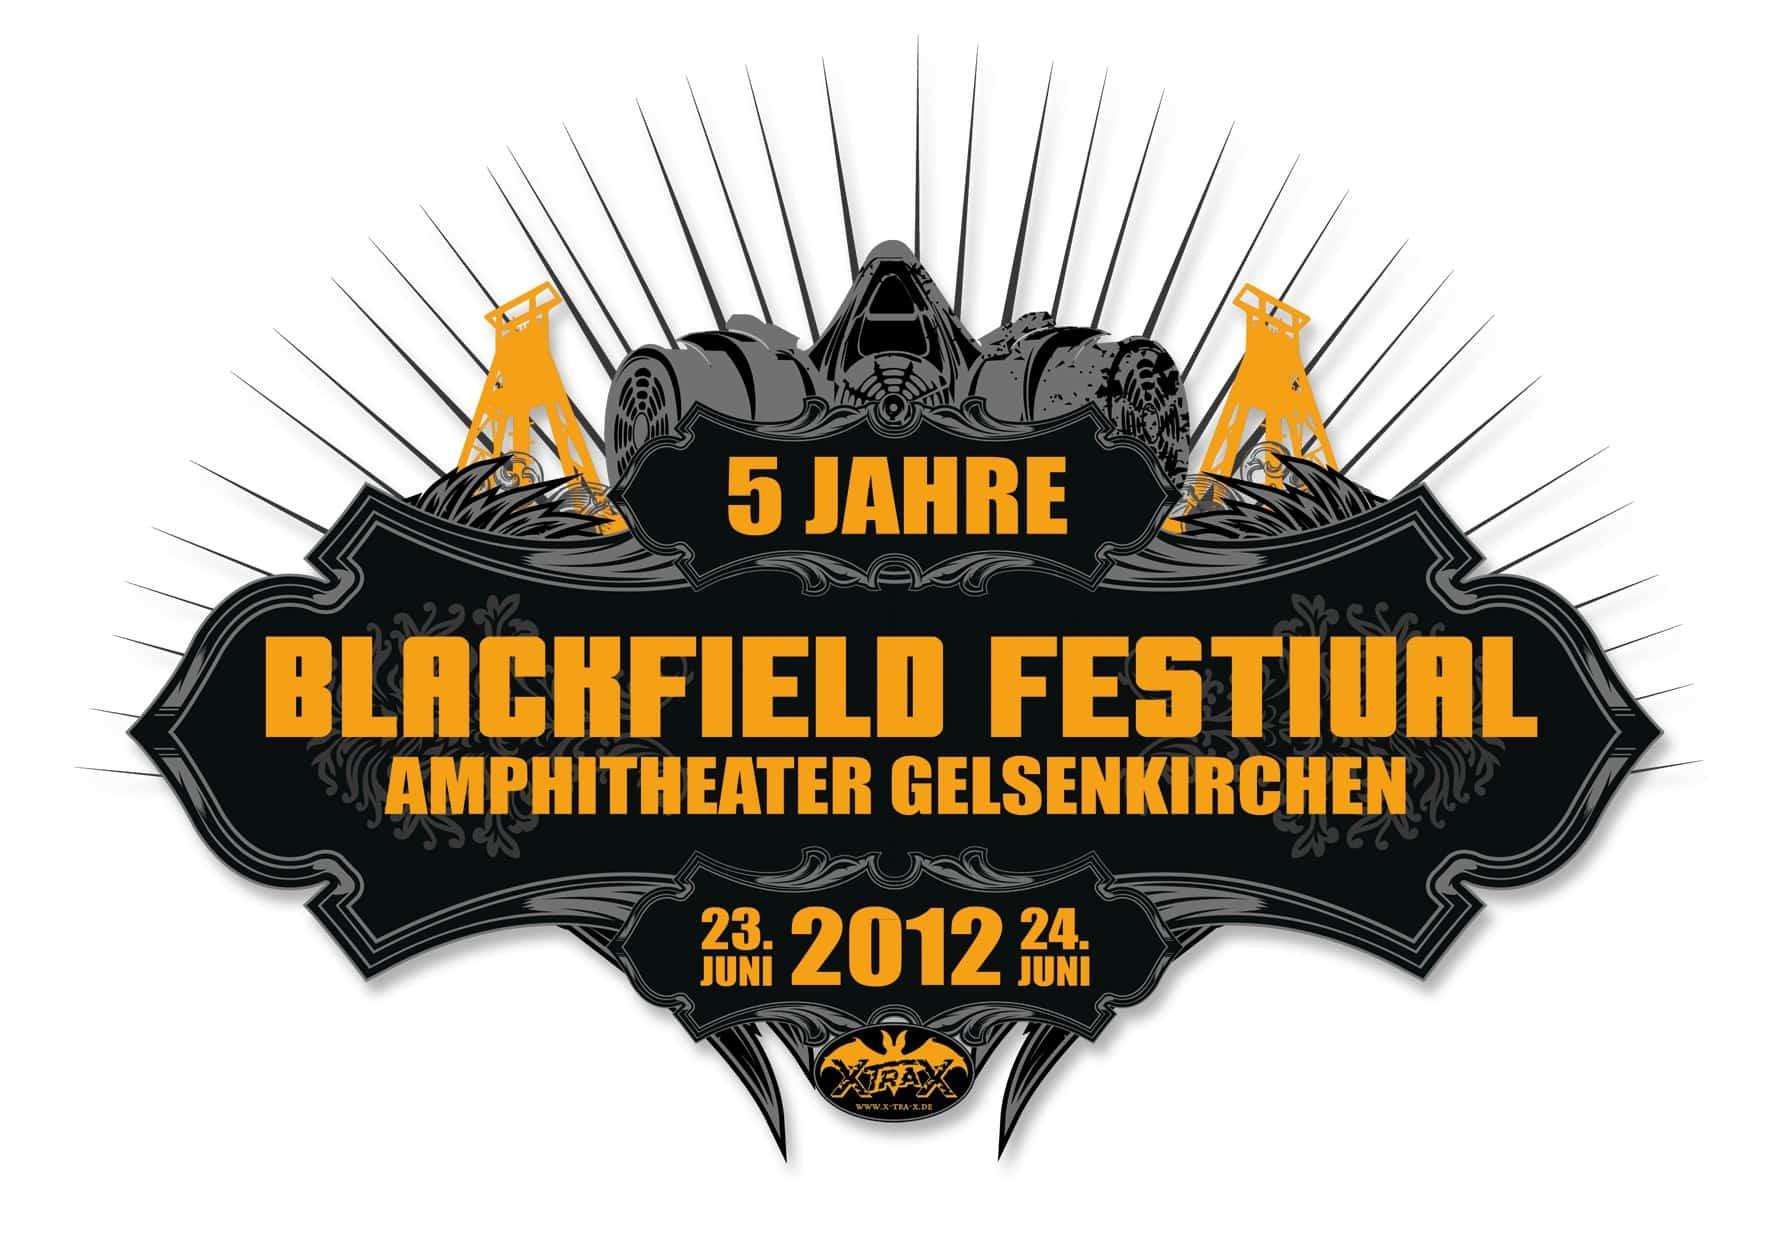 Blackfield Festival - Neuigkeiten